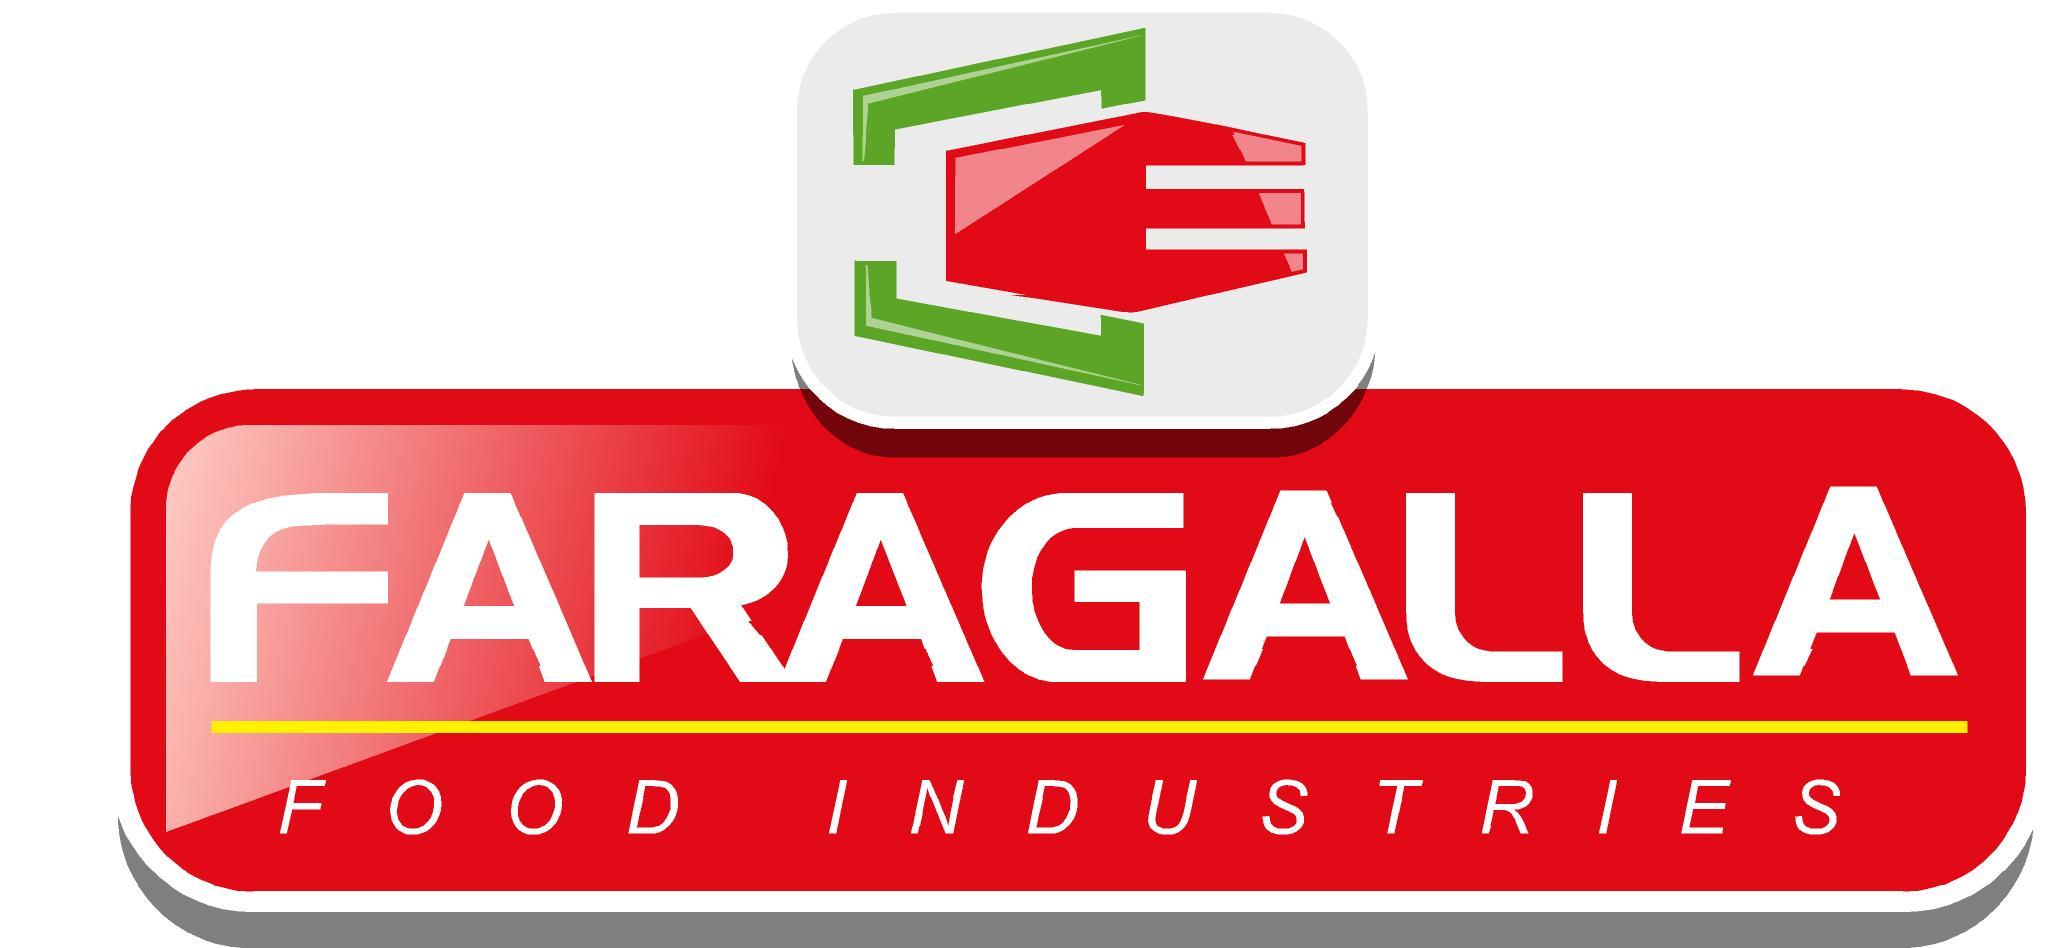 لوجو شركة فرج الله للصناعات الغذائية